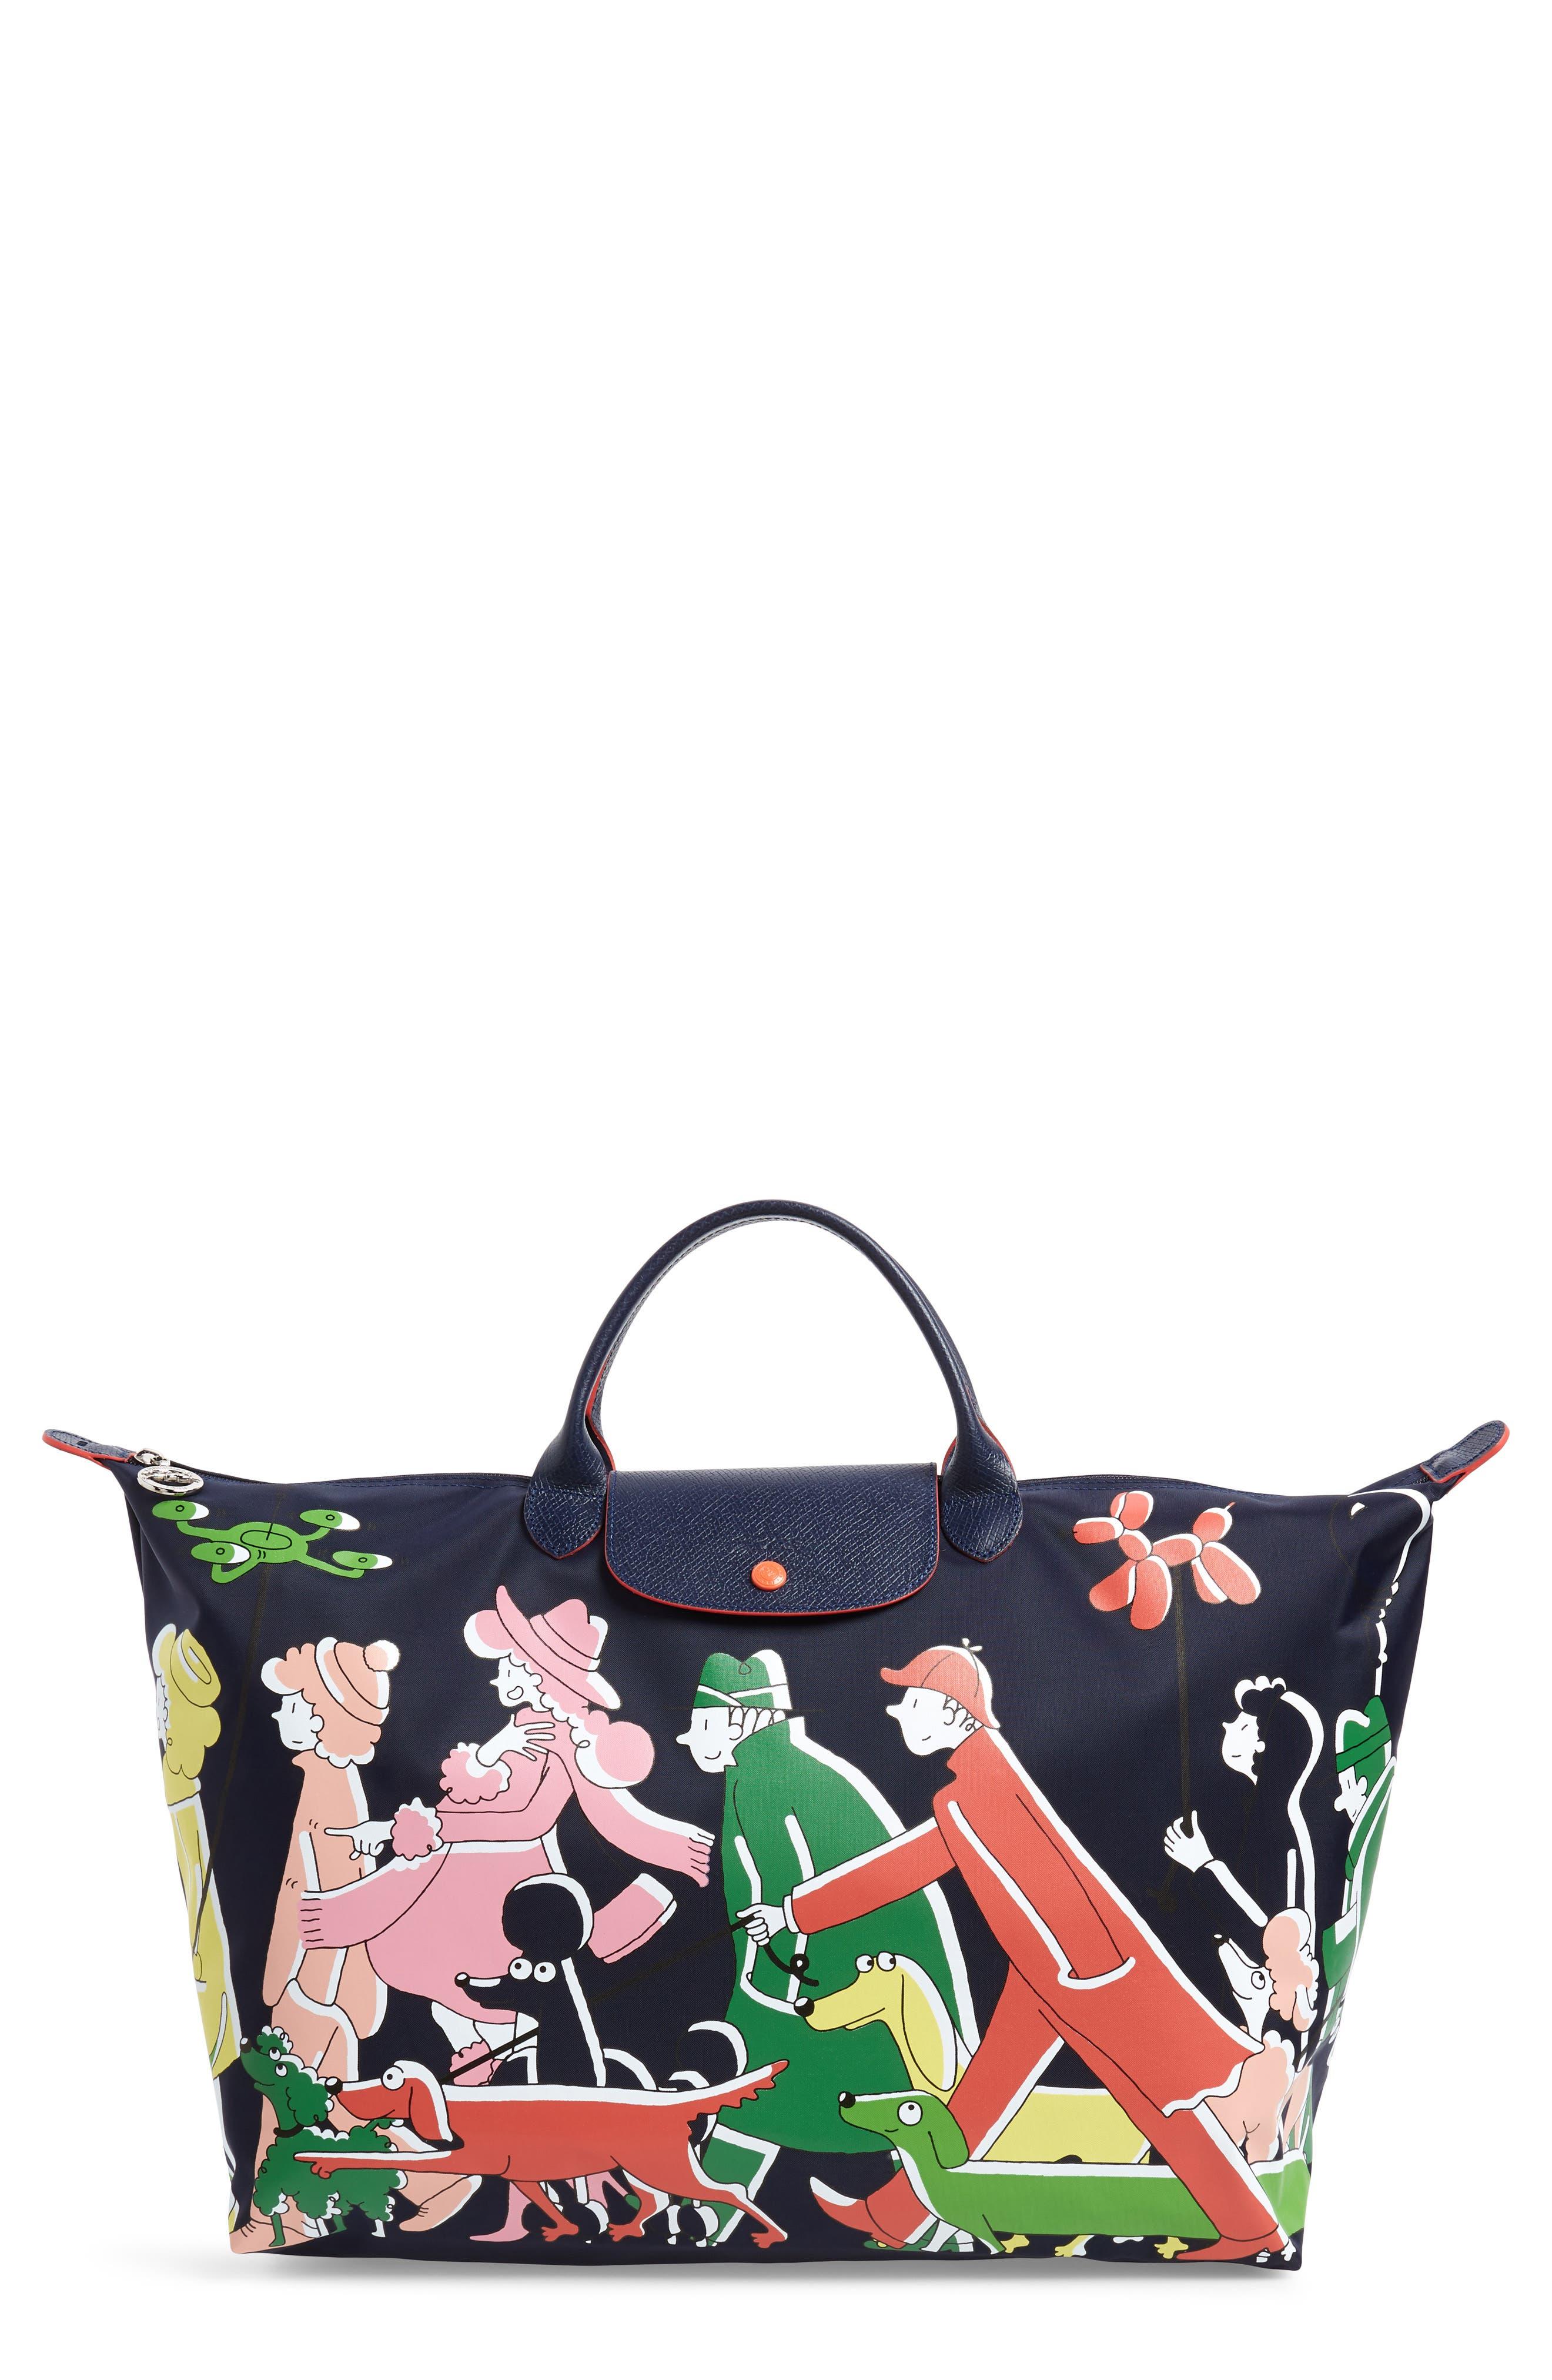 x Clo'e Floirat Le Pliage Illustration Travel Bag,                         Main,                         color, MULTICOLOR